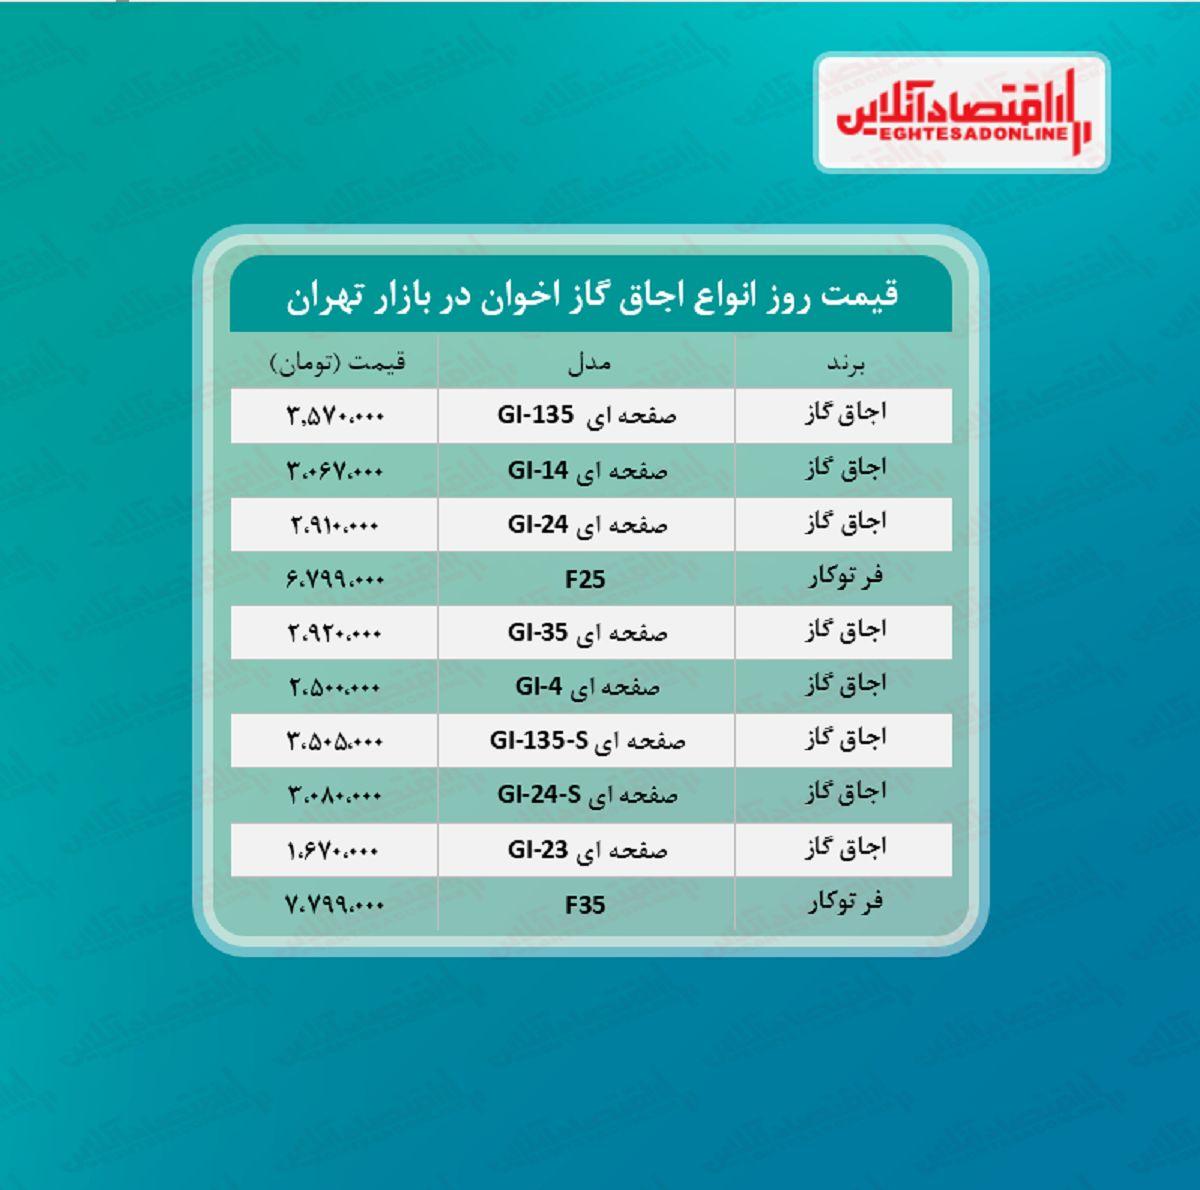 قیمت اجاق گاز اخوان + جدول